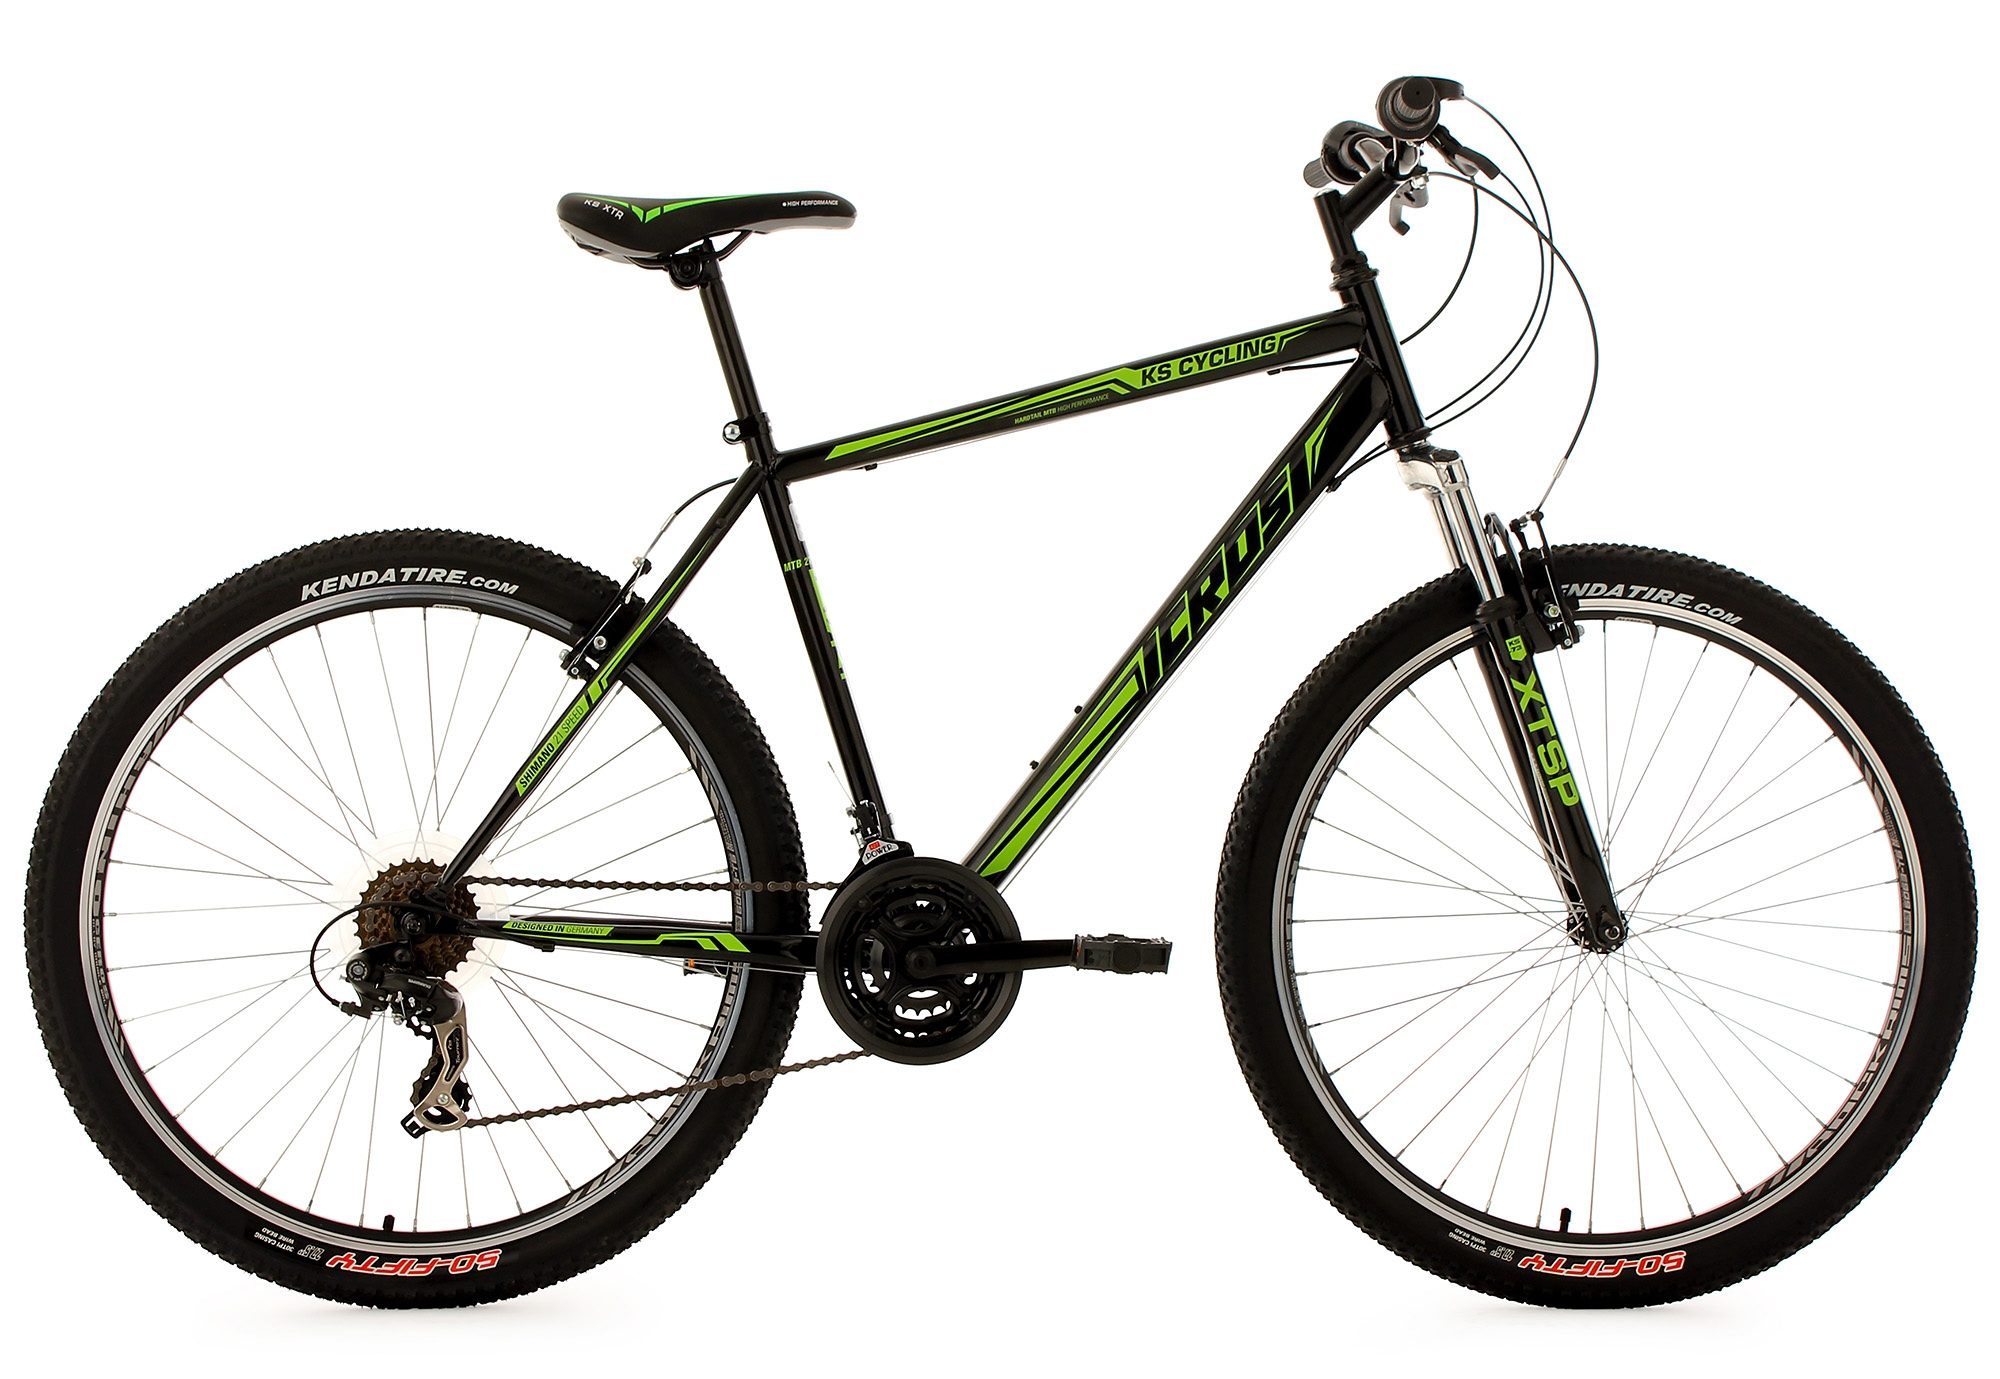 KS Cycling Hardtail-Mountainbike, 27,5 Zoll, schwarz-grün, 21 Gang-Kettenschaltung, »Icros«